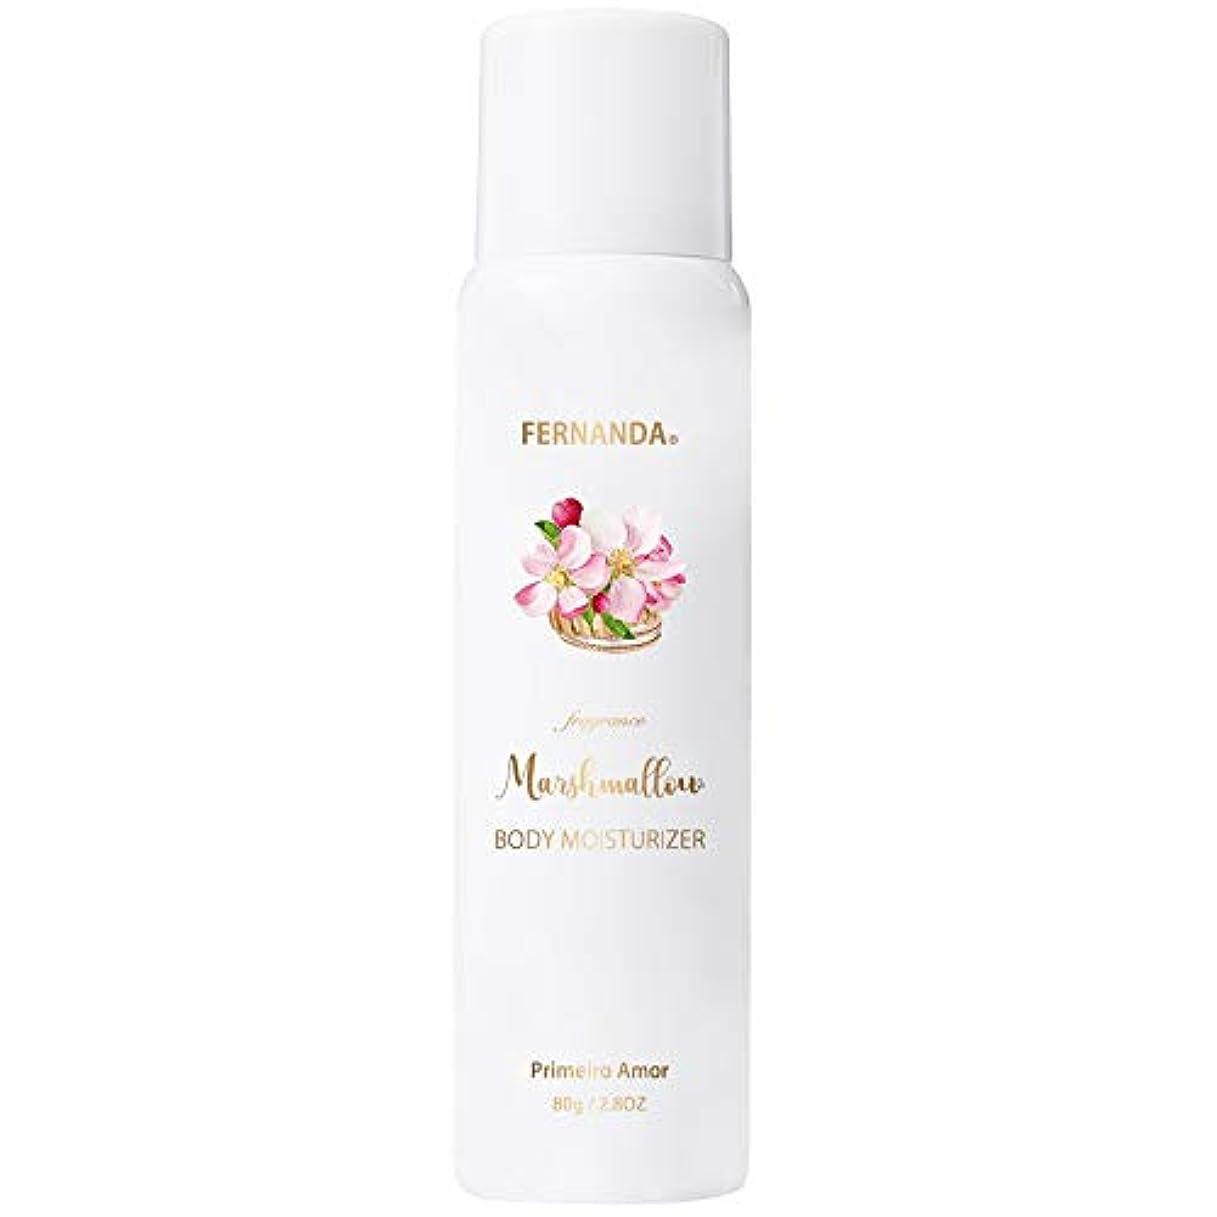 ジャンピングジャック適切な労働FERNANDA(フェルナンダ) Marshmallow Body Moisturizer Primeiro Amor (マシュマロ ボディ モイスチャライザー プリメイロアモール)